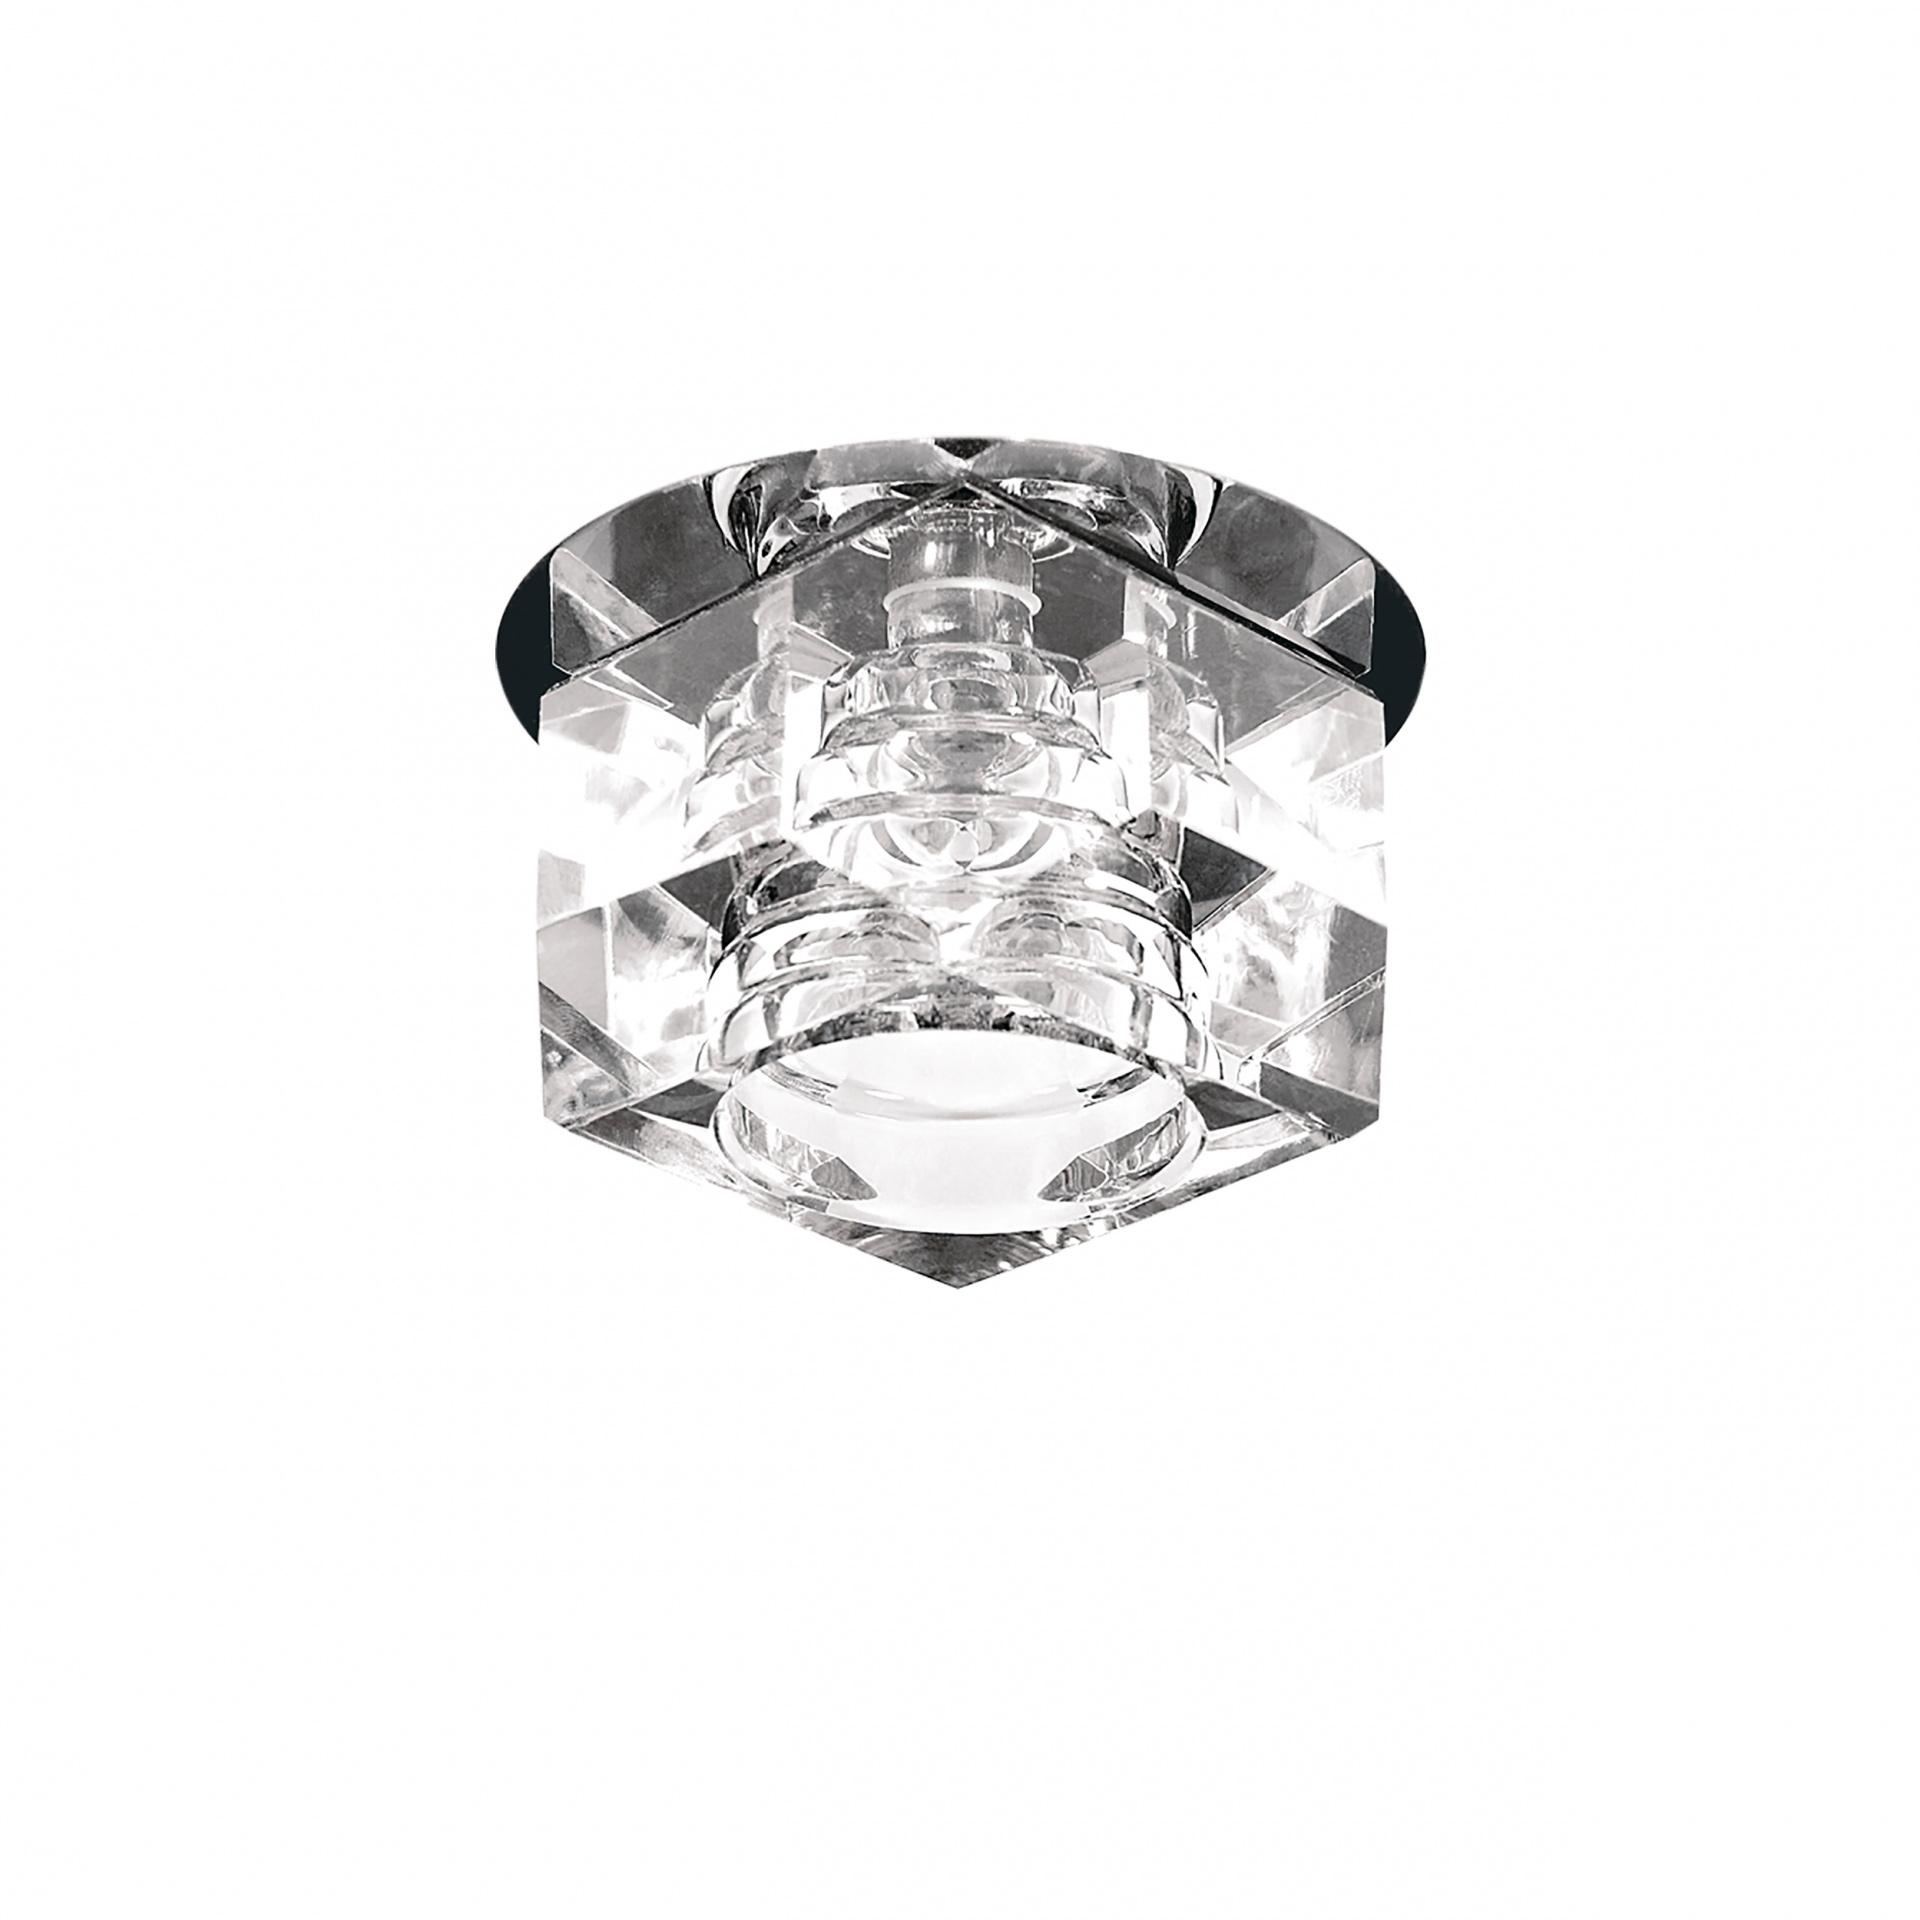 Светильник Romb CR G4 хром / прозрачный Lightstar 004060R, купить в СПб, Москве, с доставкой, Санкт-Петербург, интернет-магазин люстр и светильников Starlight, фото в жизни